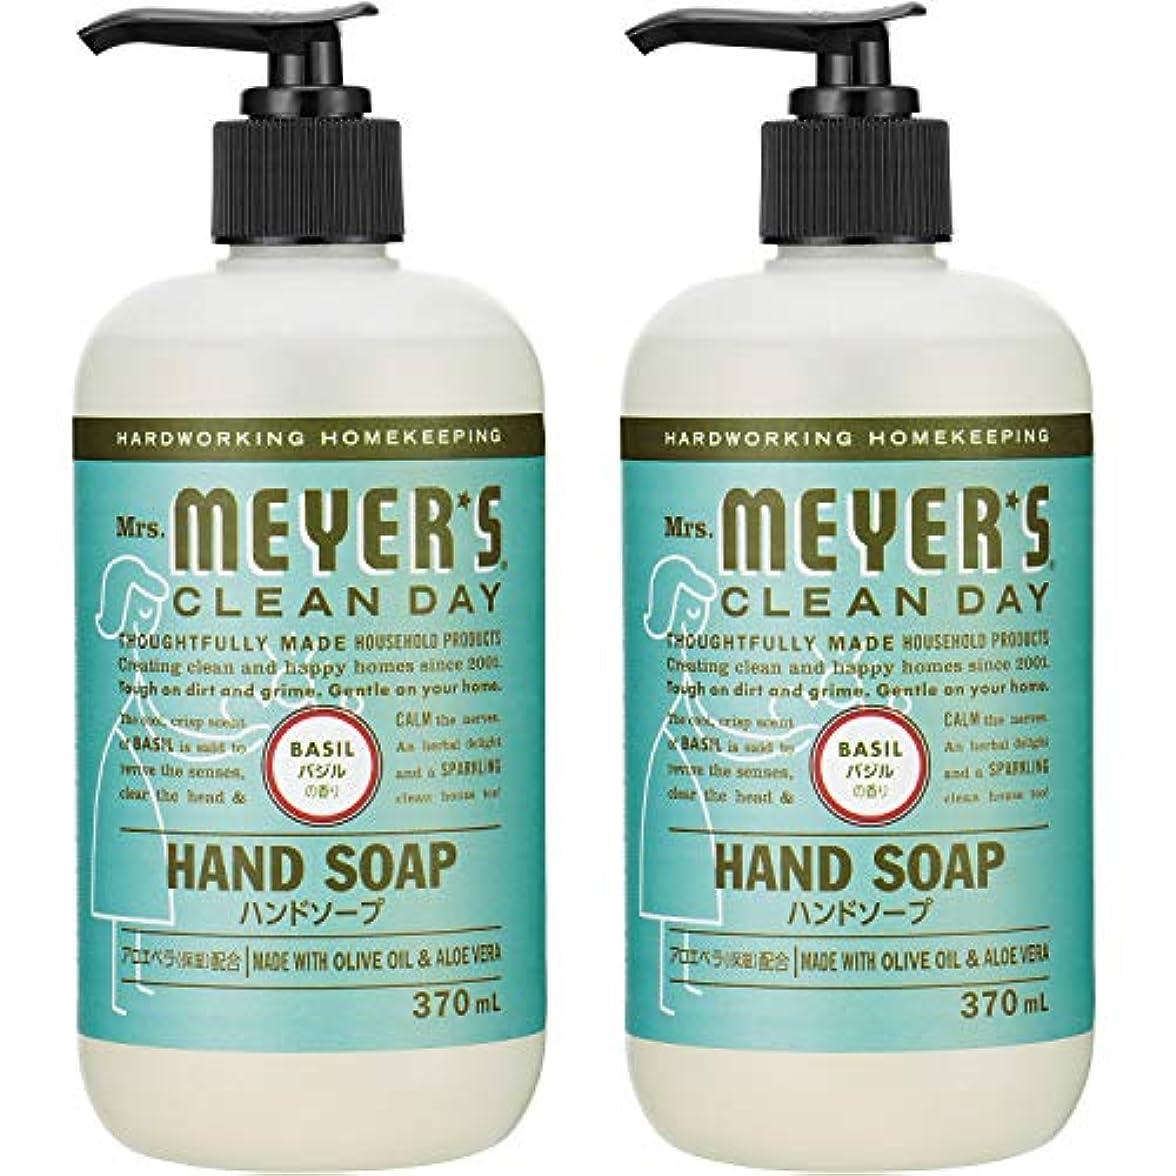 巨大歴史脆いMrs. MEYER'S CLEAN DAY(ミセスマイヤーズ クリーンデイ) ミセスマイヤーズ クリーンデイ(Mrs.Meyers Clean Day) ハンドソープ バジルの香り 370ml×2個